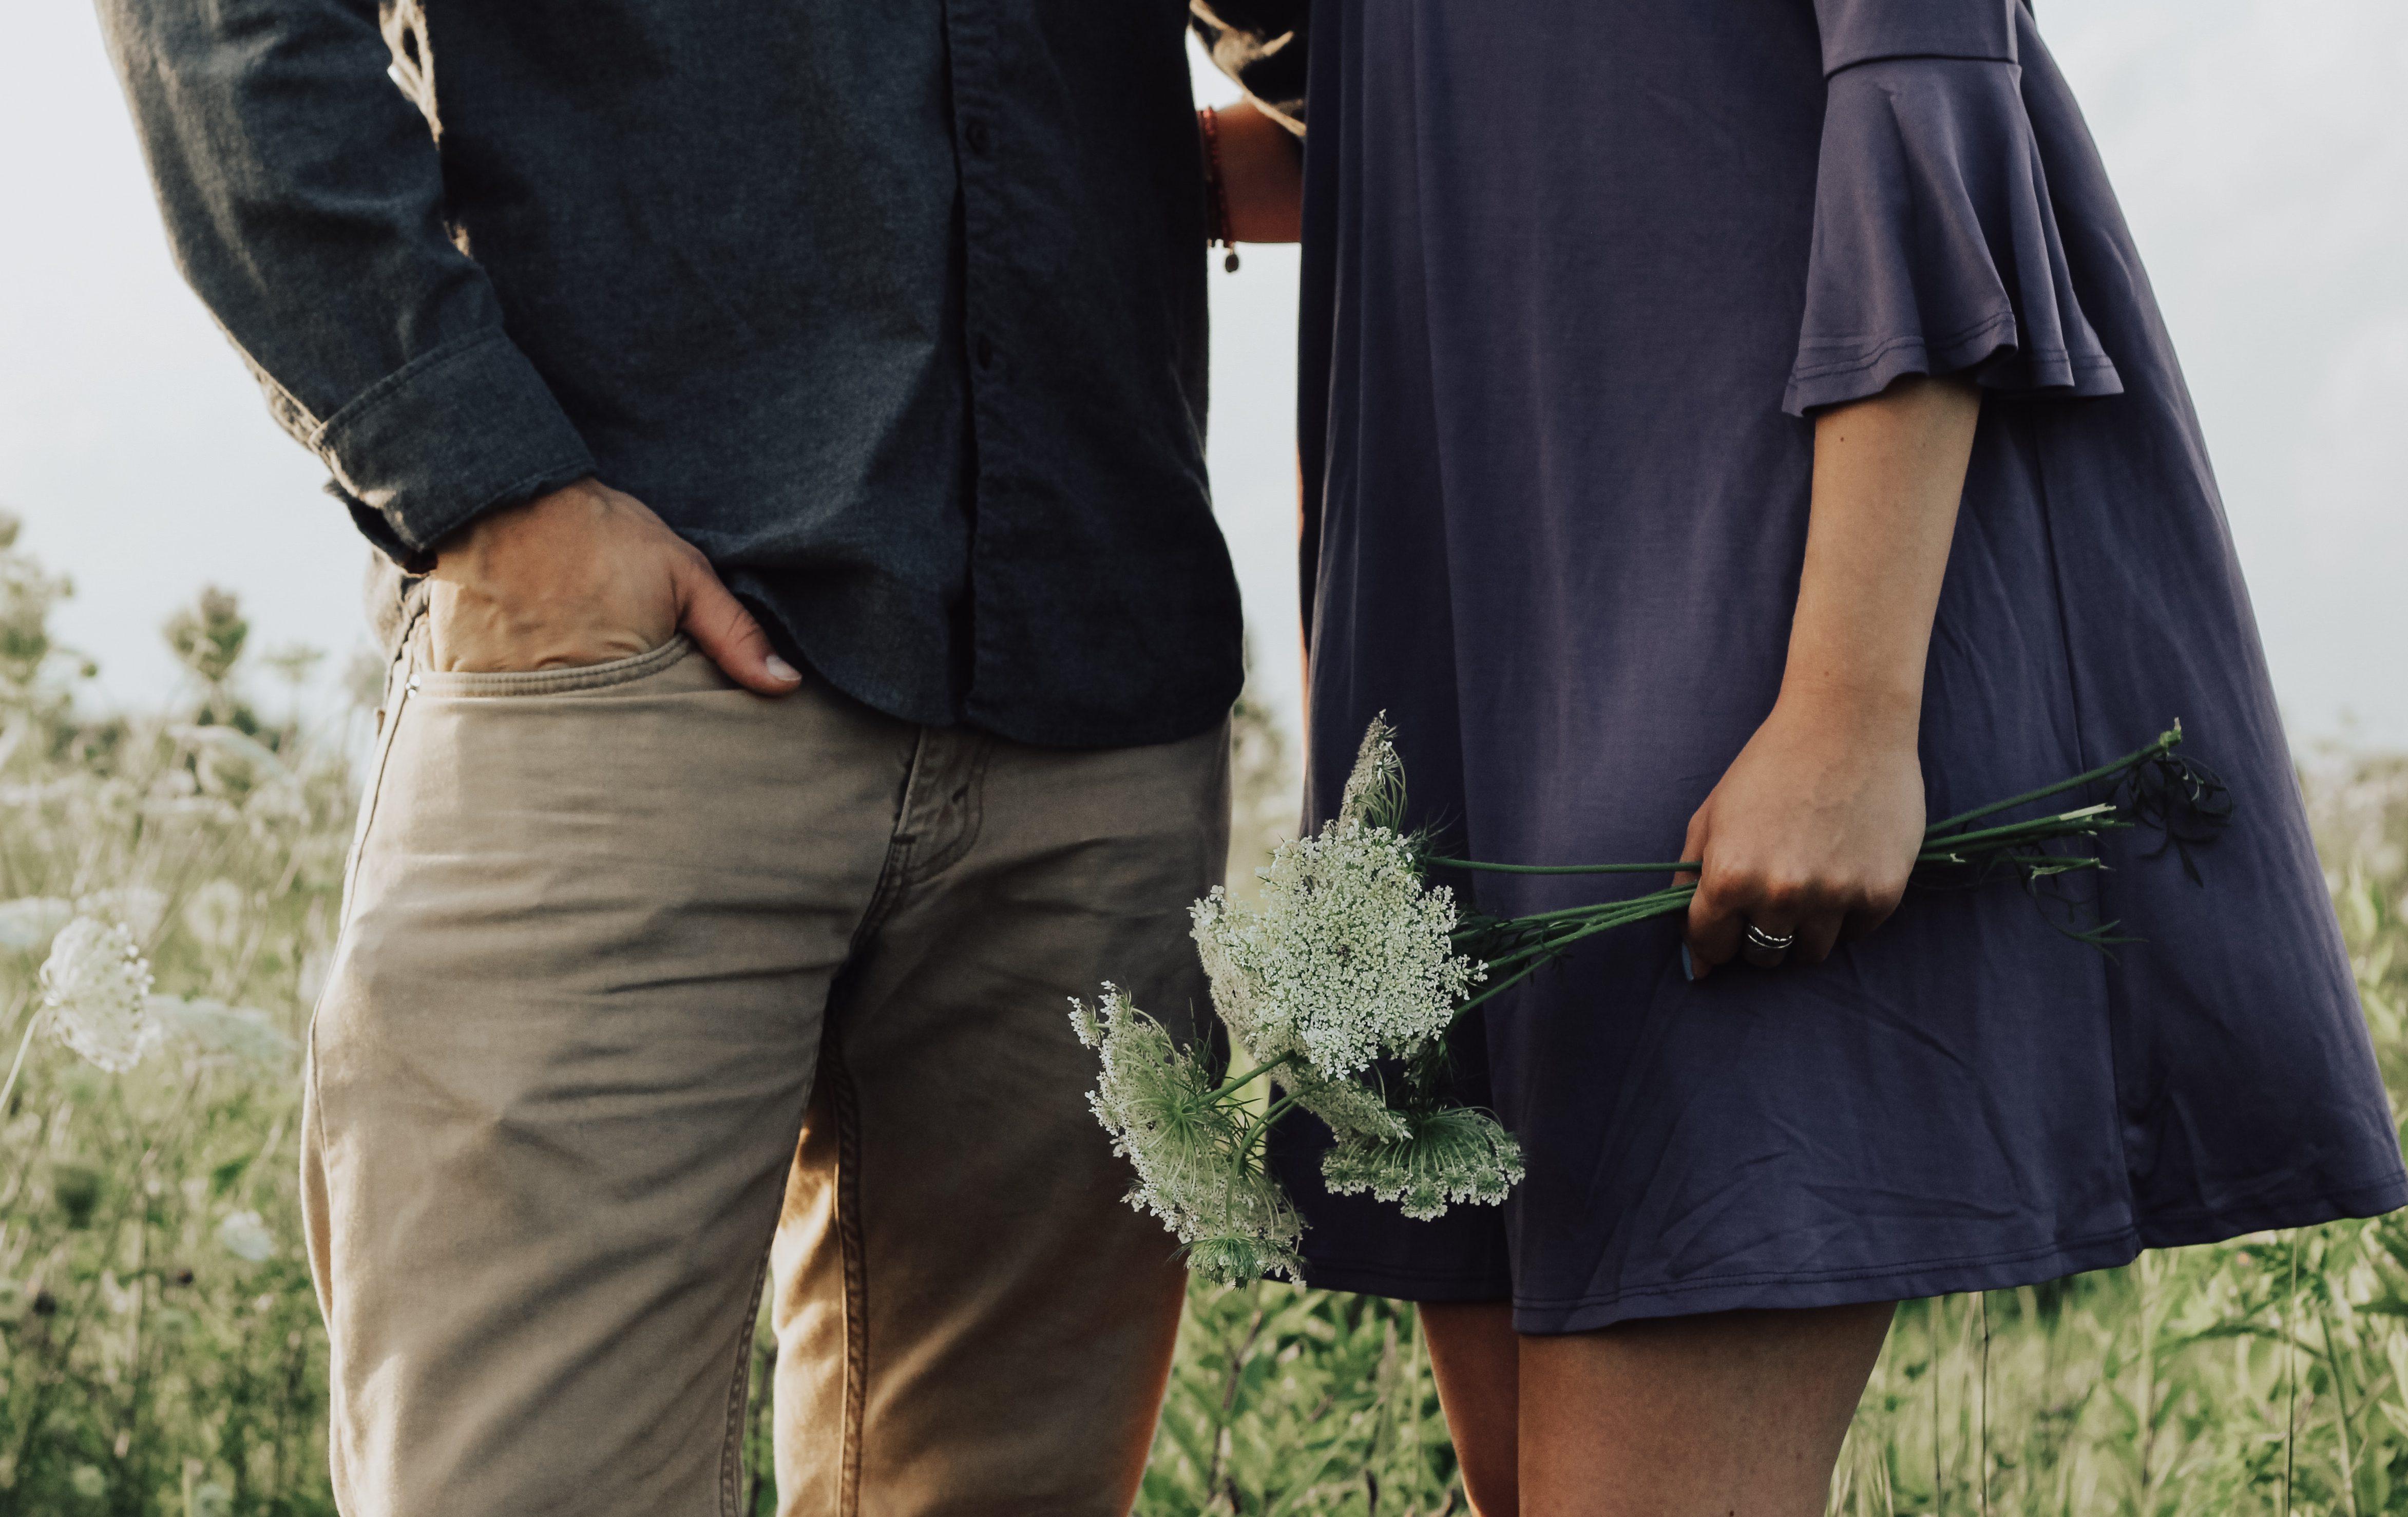 Problemy z zaangażowaniem dziewczyny randkowej